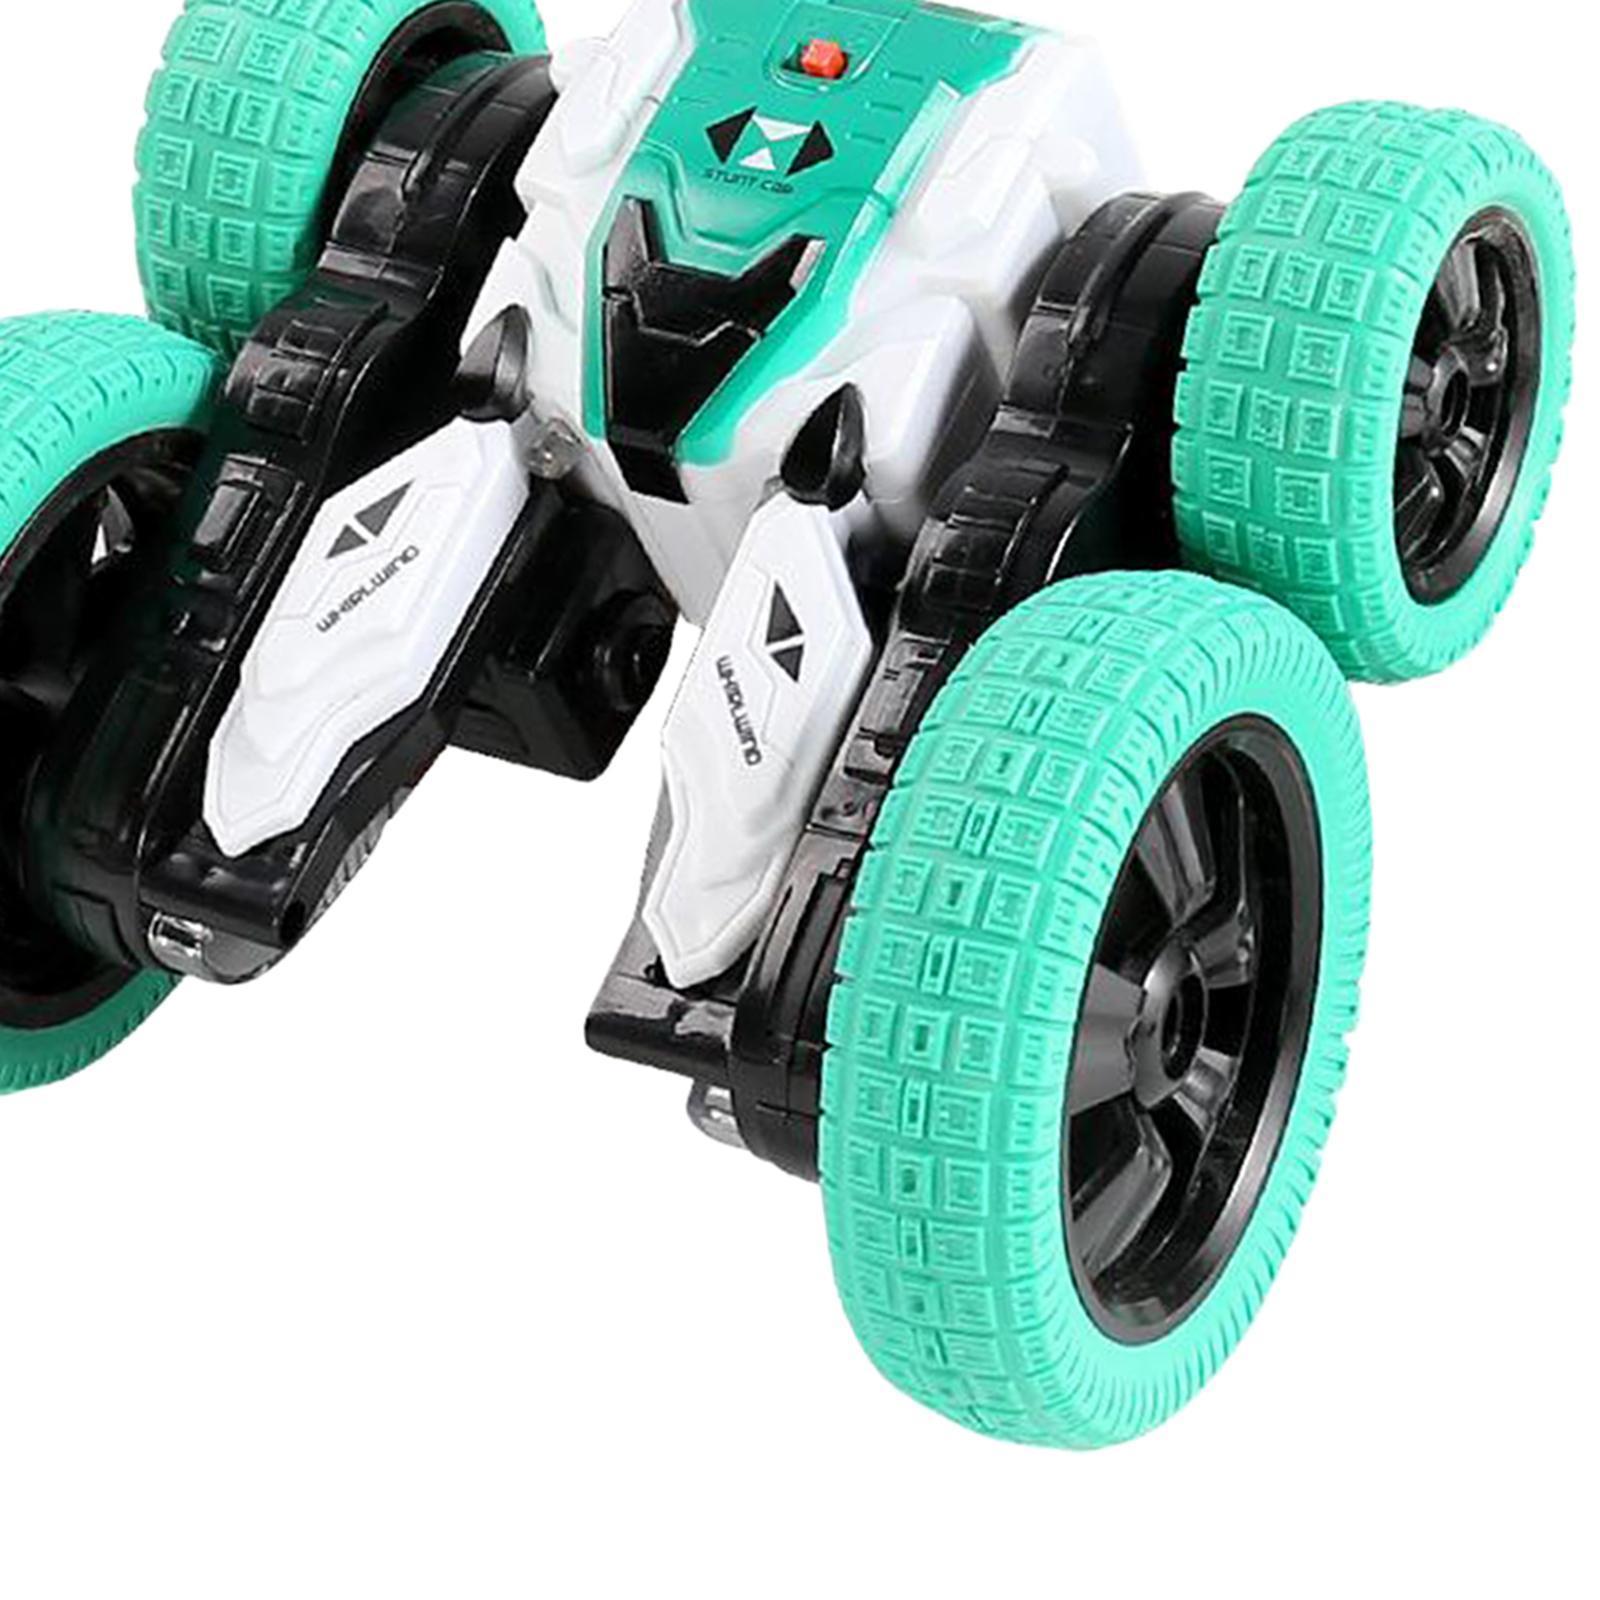 miniatura 28 - Telecomando Auto Stunt Car Giocattolo Per Bambini 2.4GHz di Controllo Remoto